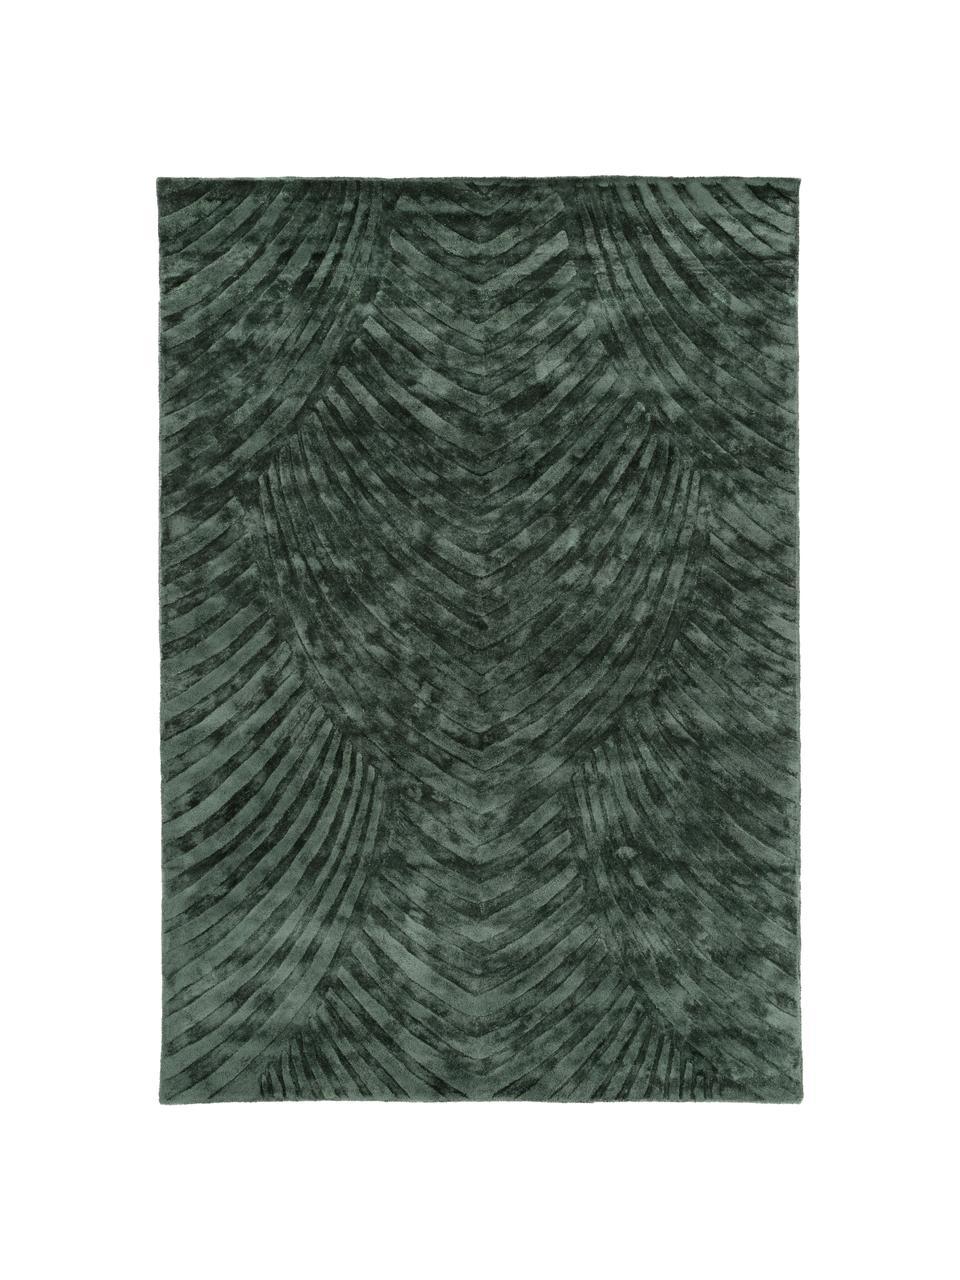 Tappeto in viscosa taftato a mano Bloom, Vello: 100% viscosa, Retro: 100% cotone, Verde scuro, Larg. 160 x Lung. 230 cm (taglia M)